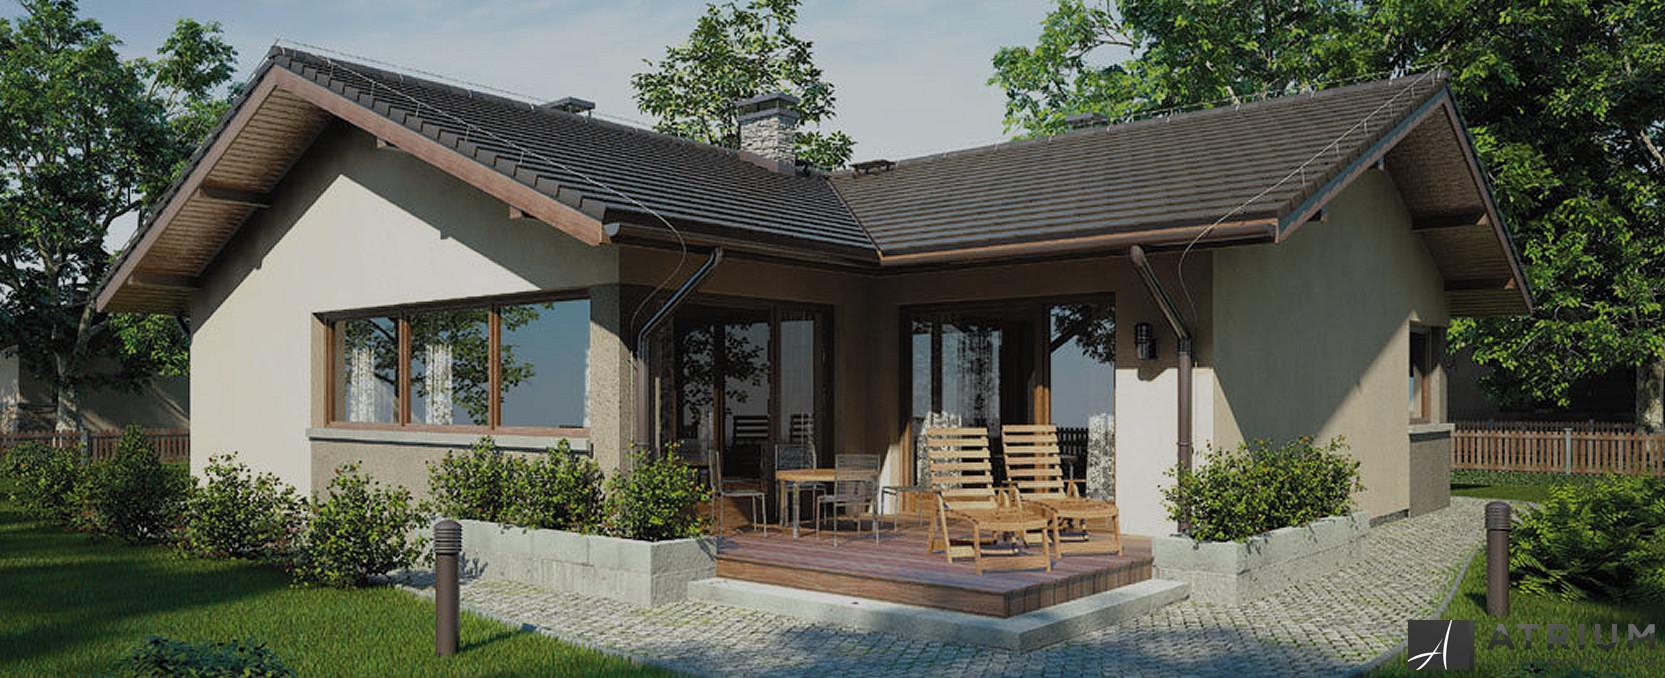 Fantastyczny Domy drewniane domy mieszkalne drewniane domy szkieletowe domy QT98